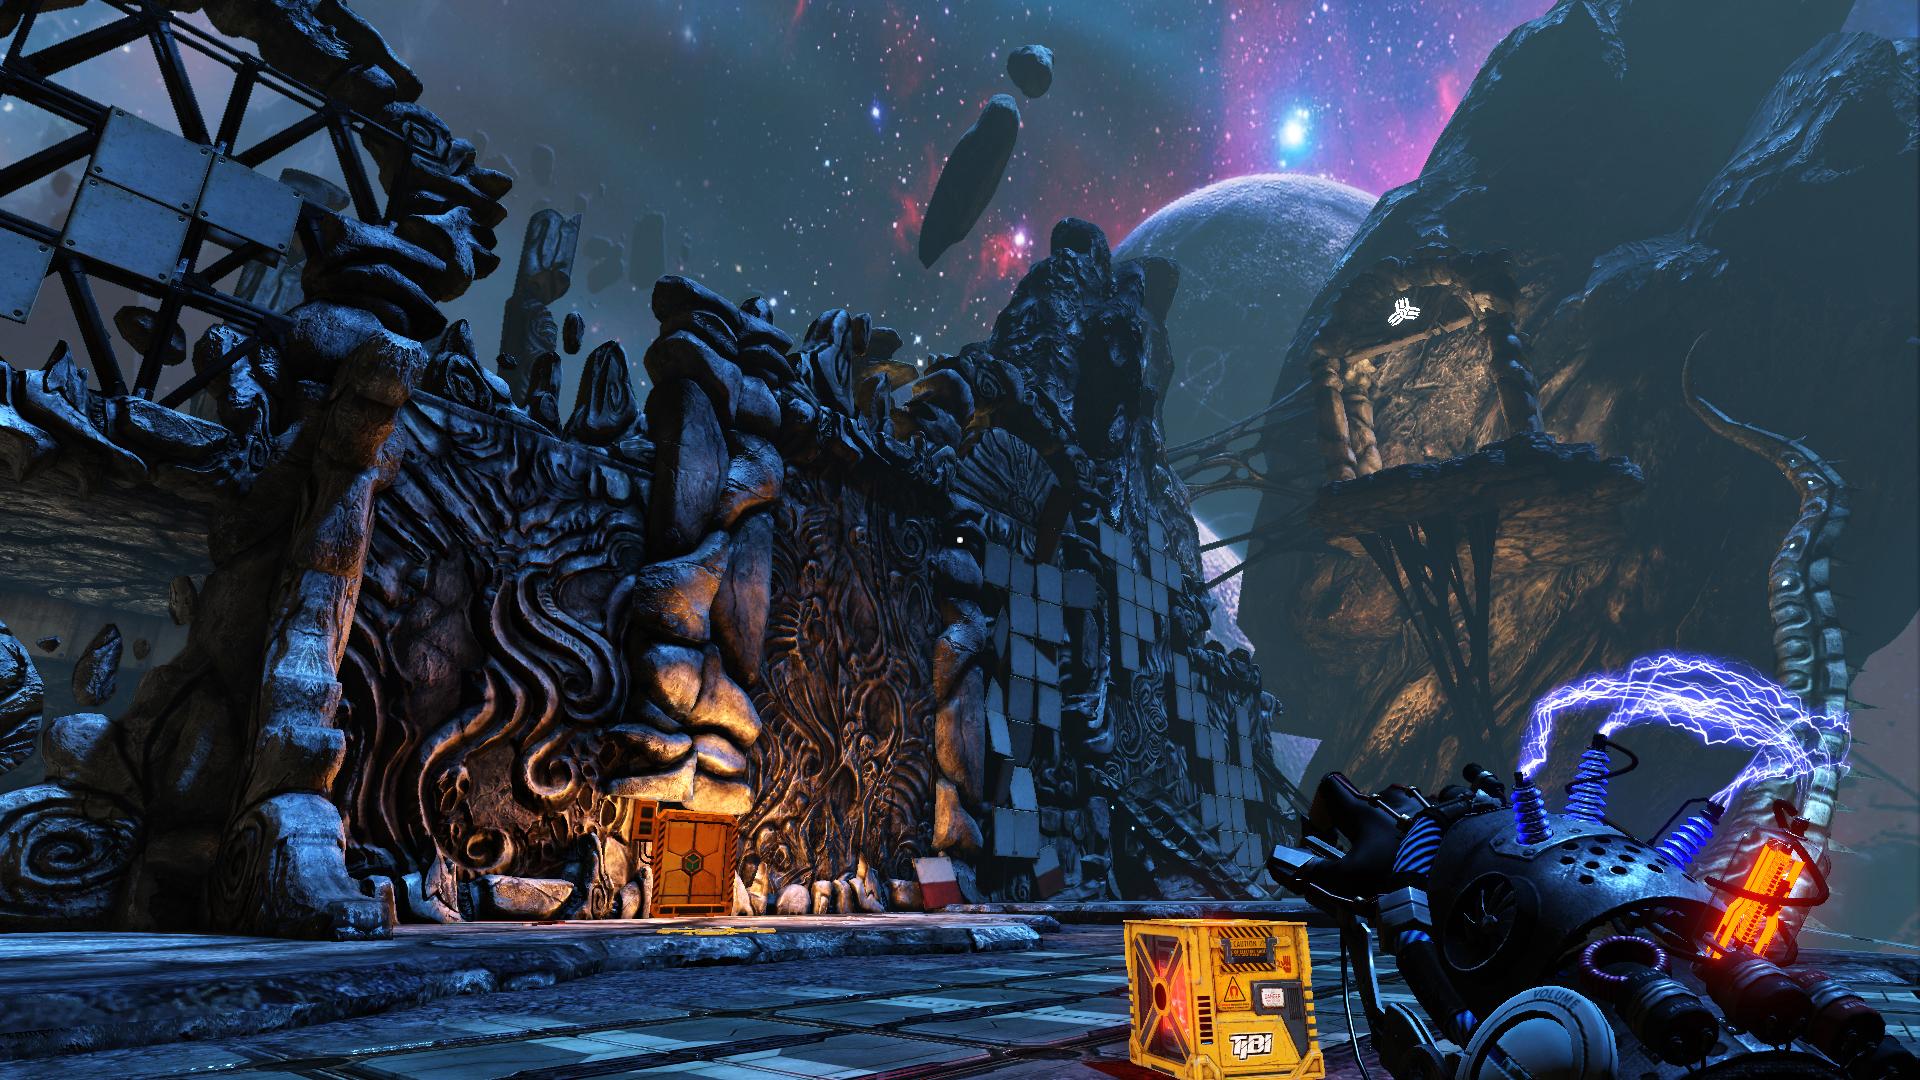 未来のテクノロジーとクトゥルフ神話を融合したアクションパズルゲーム「Magrunner:Dark Pulse」が8月27日に発売決定未来のテクノロジーとクトゥルフ神話を融合したアクションパズルゲーム「Magrunner:Dark Pulse」が8月27日に発売決定